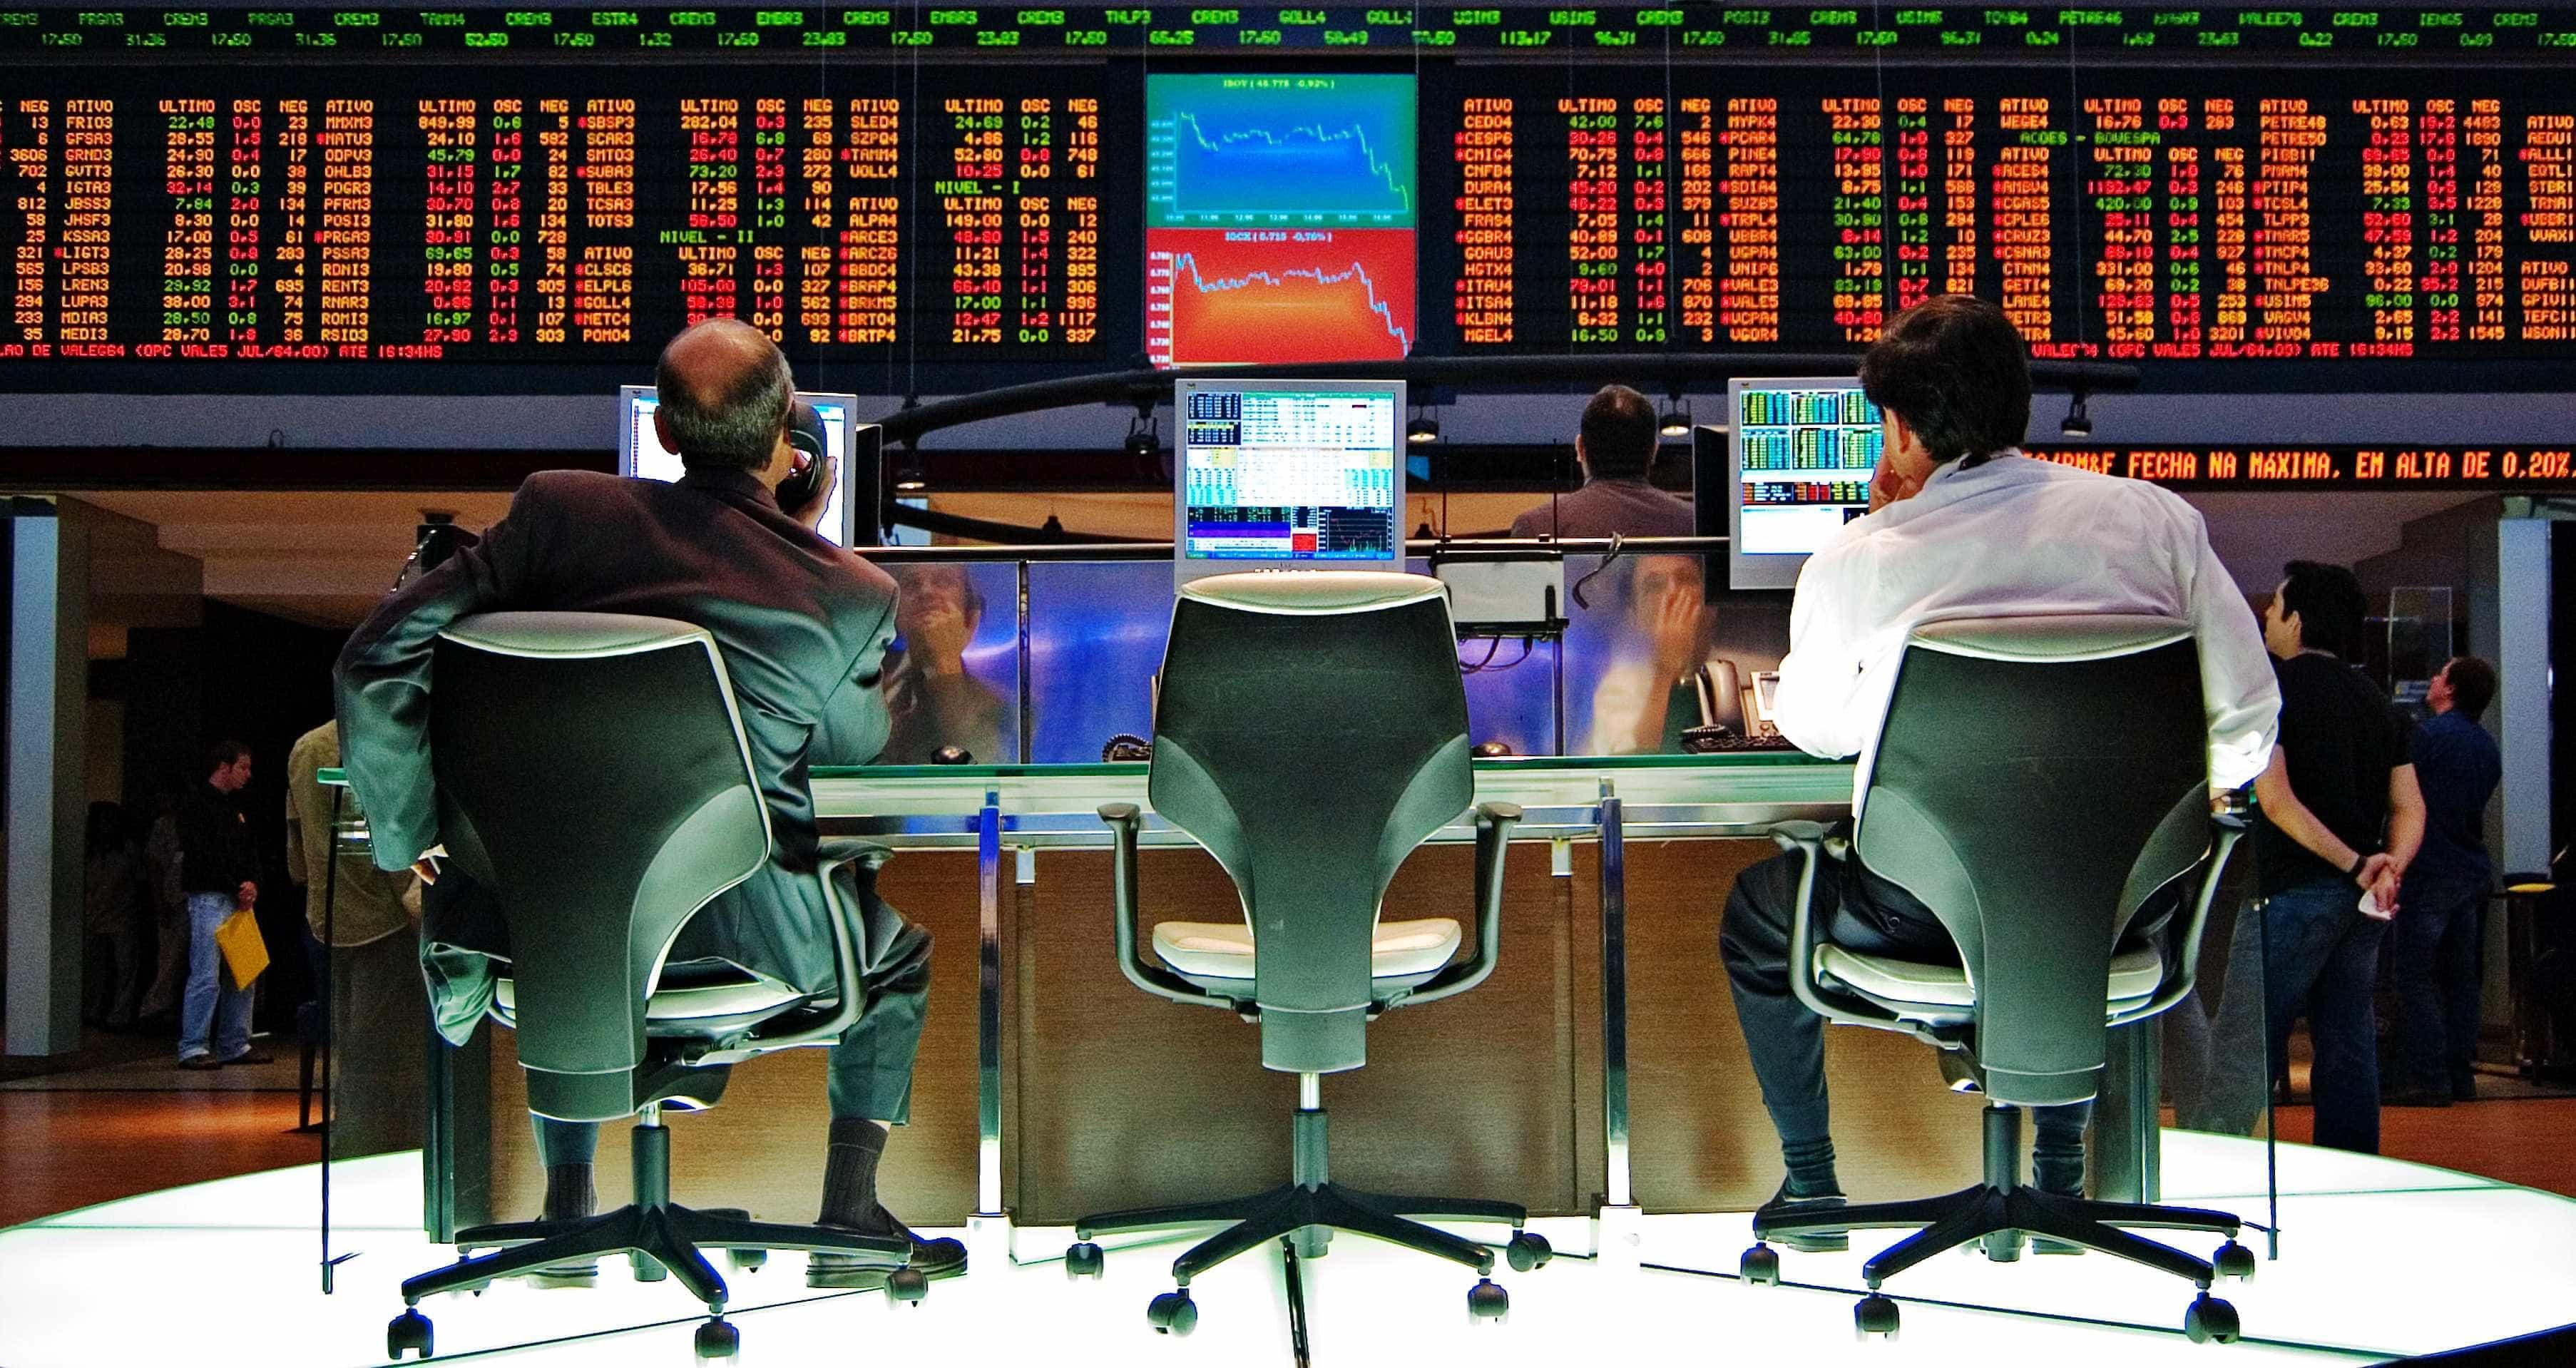 Bolsonaro assume com aval do mercado, mas sob escrutínio da indústria